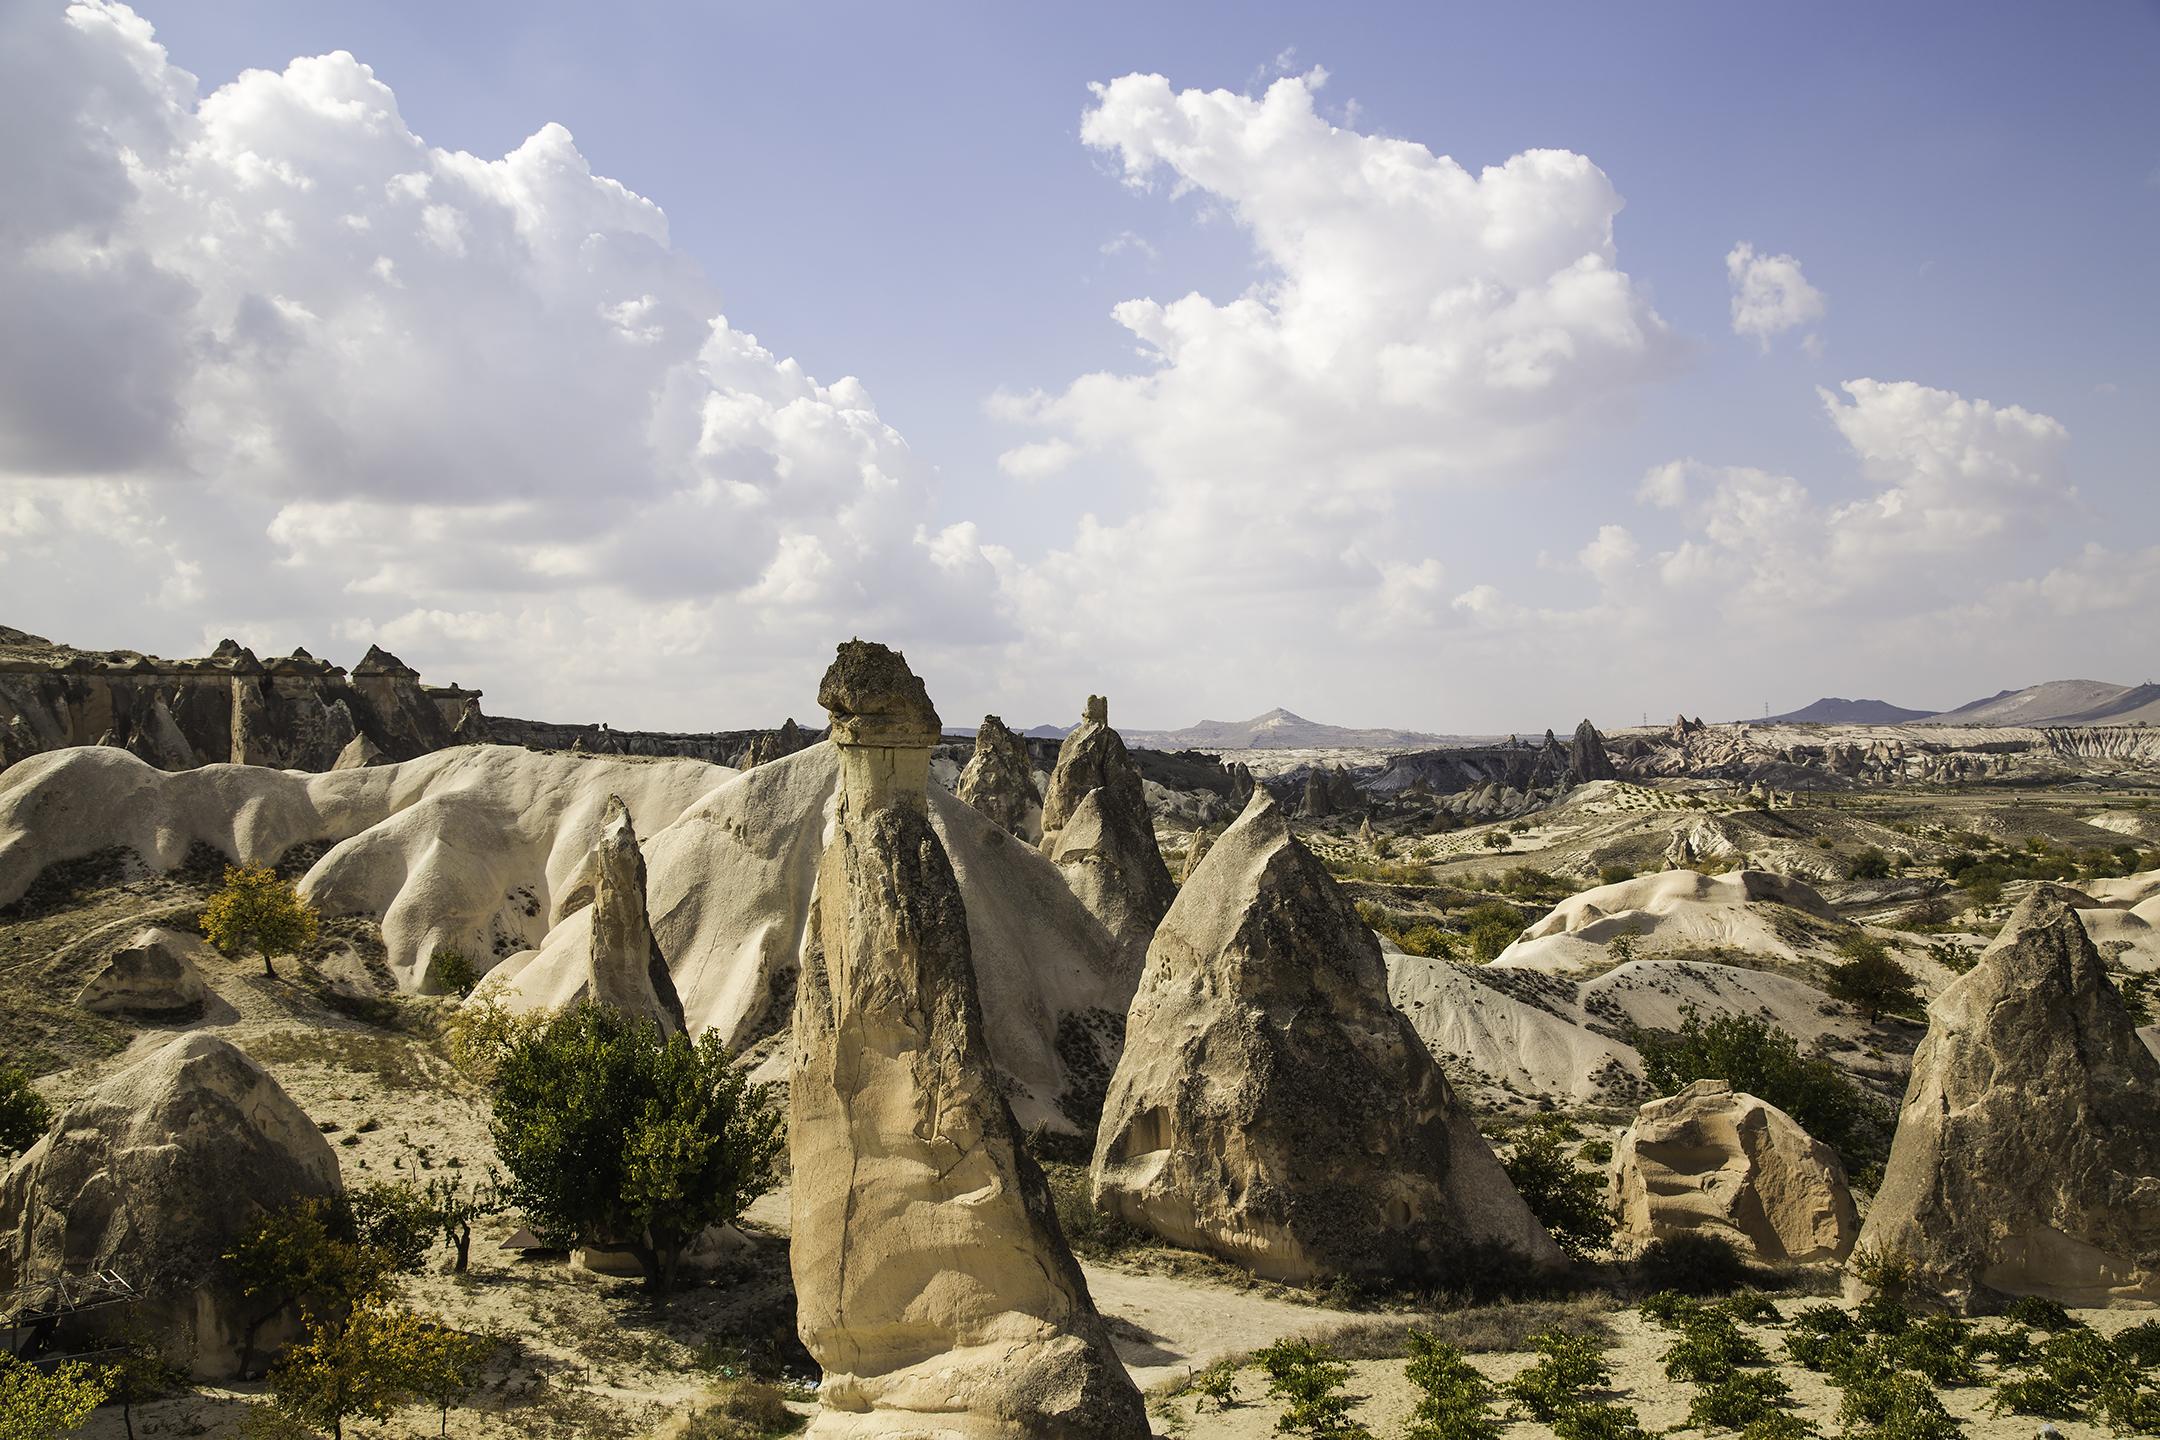 Open Air Museum, Zelve, Cappadocia